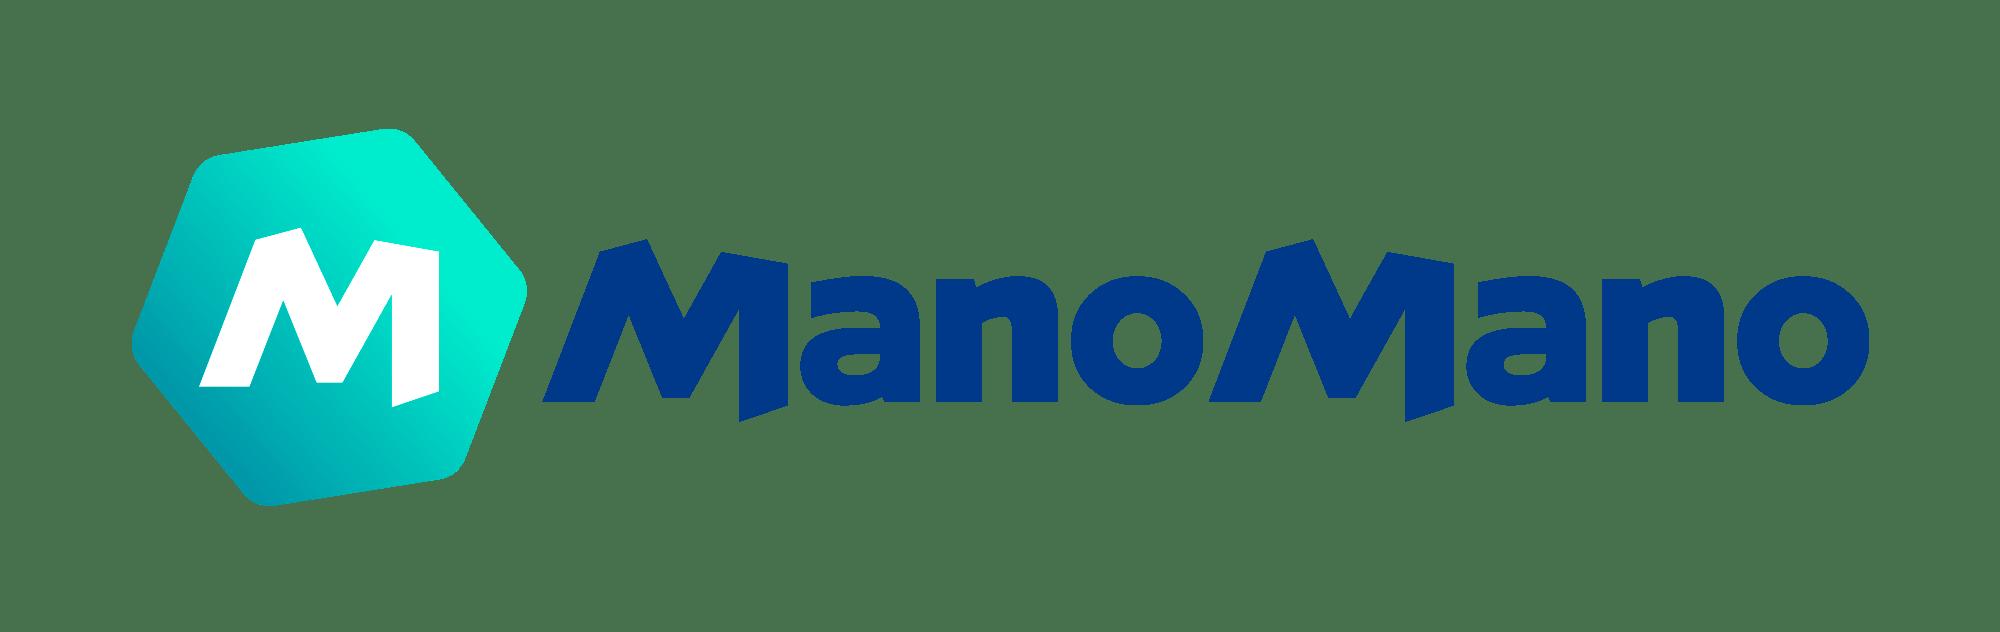 ManoMano_LOGO